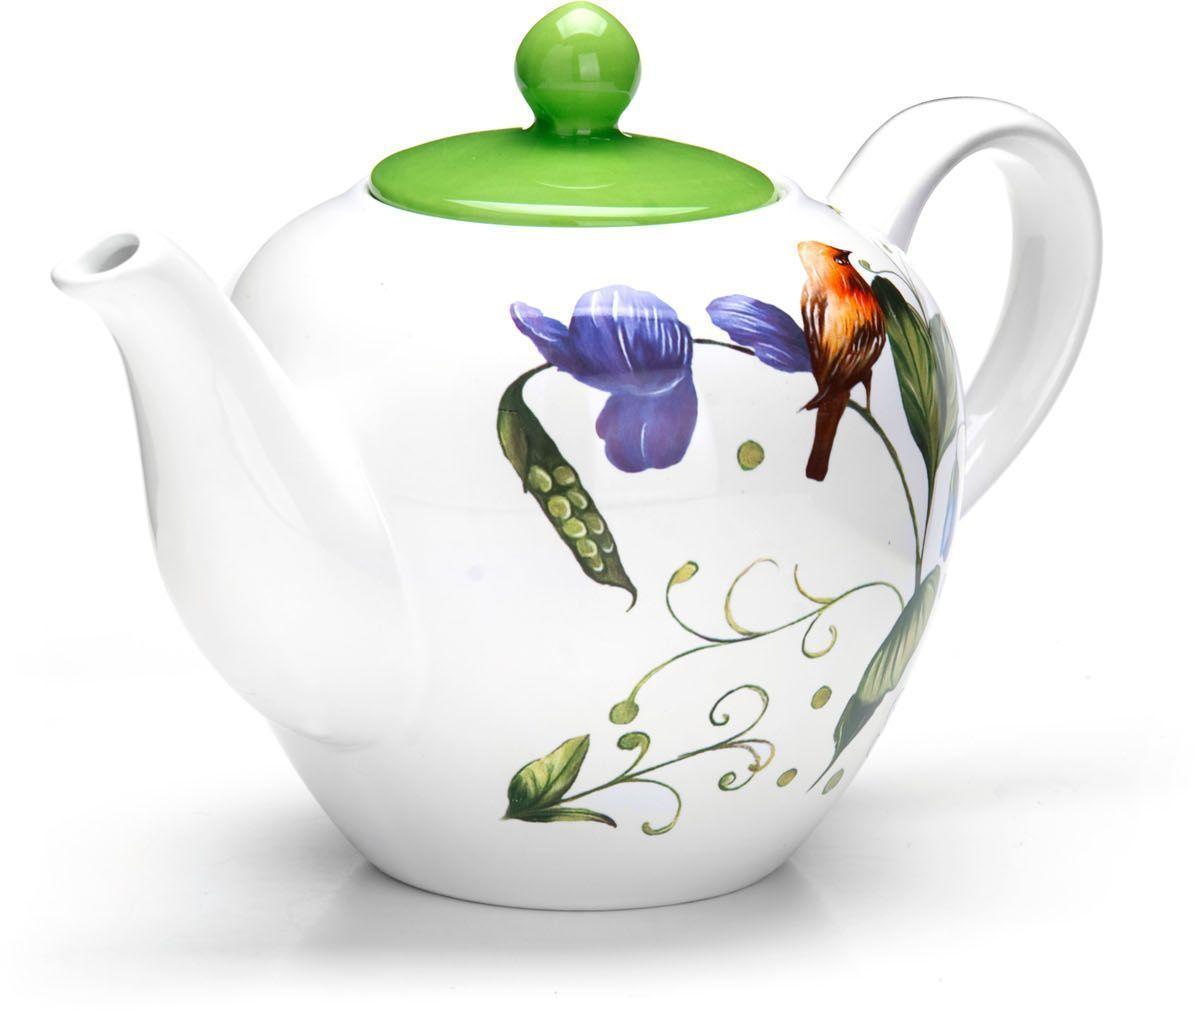 Заварочный чайник Loraine Птичка, 1,2 л loraine заварочный чайник loraine 24851 0 85 л